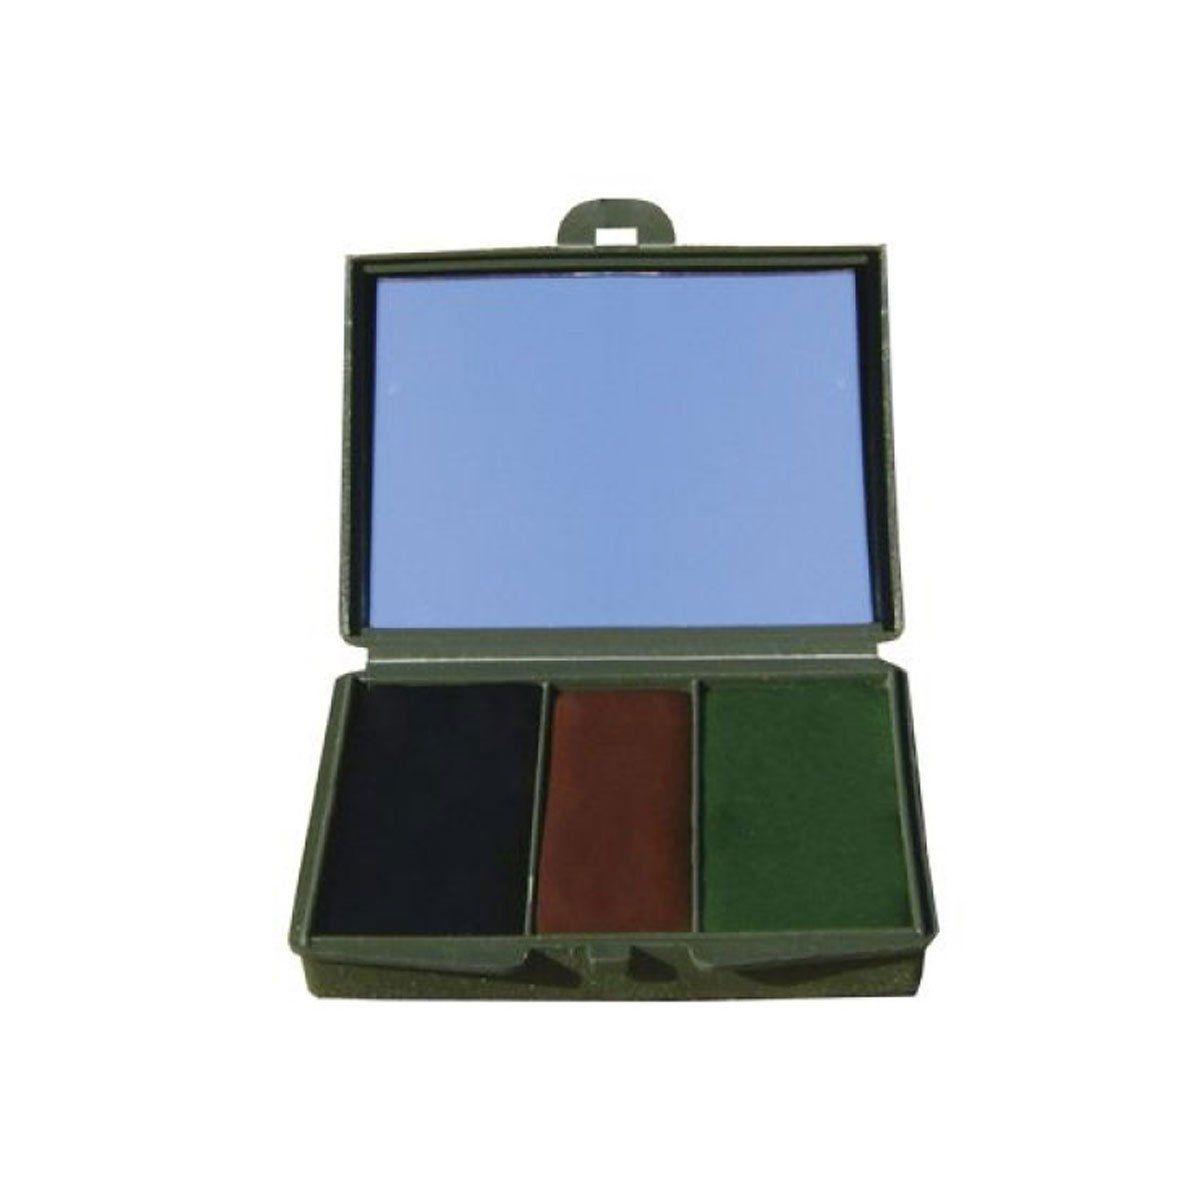 Kit Camuflagem C/ Espelho Verde/Marrom/Preto- VO